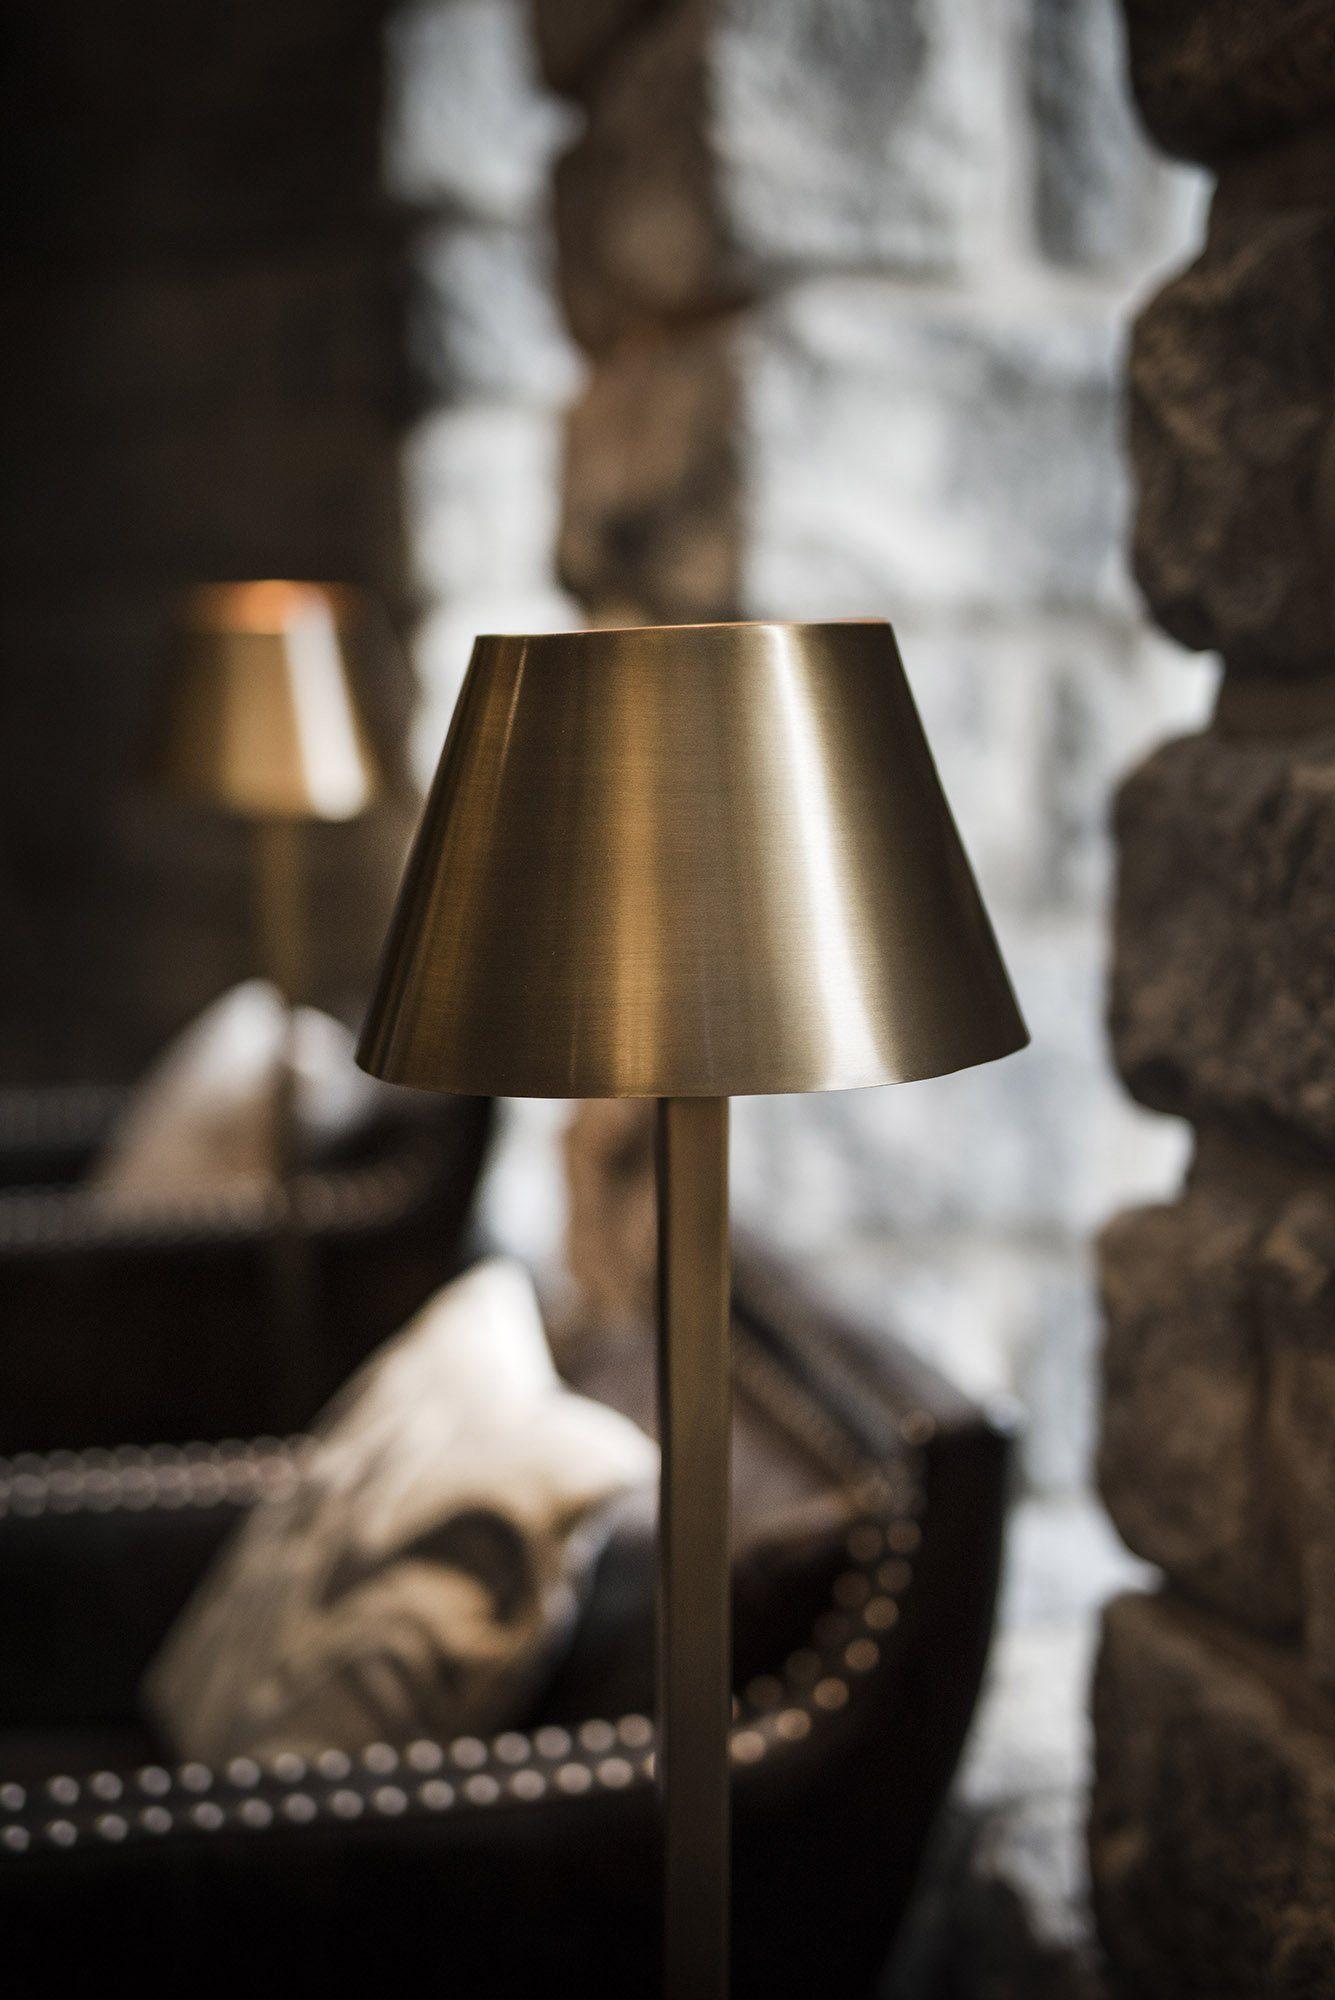 Grass lampa kopparfärgad från Artwood.